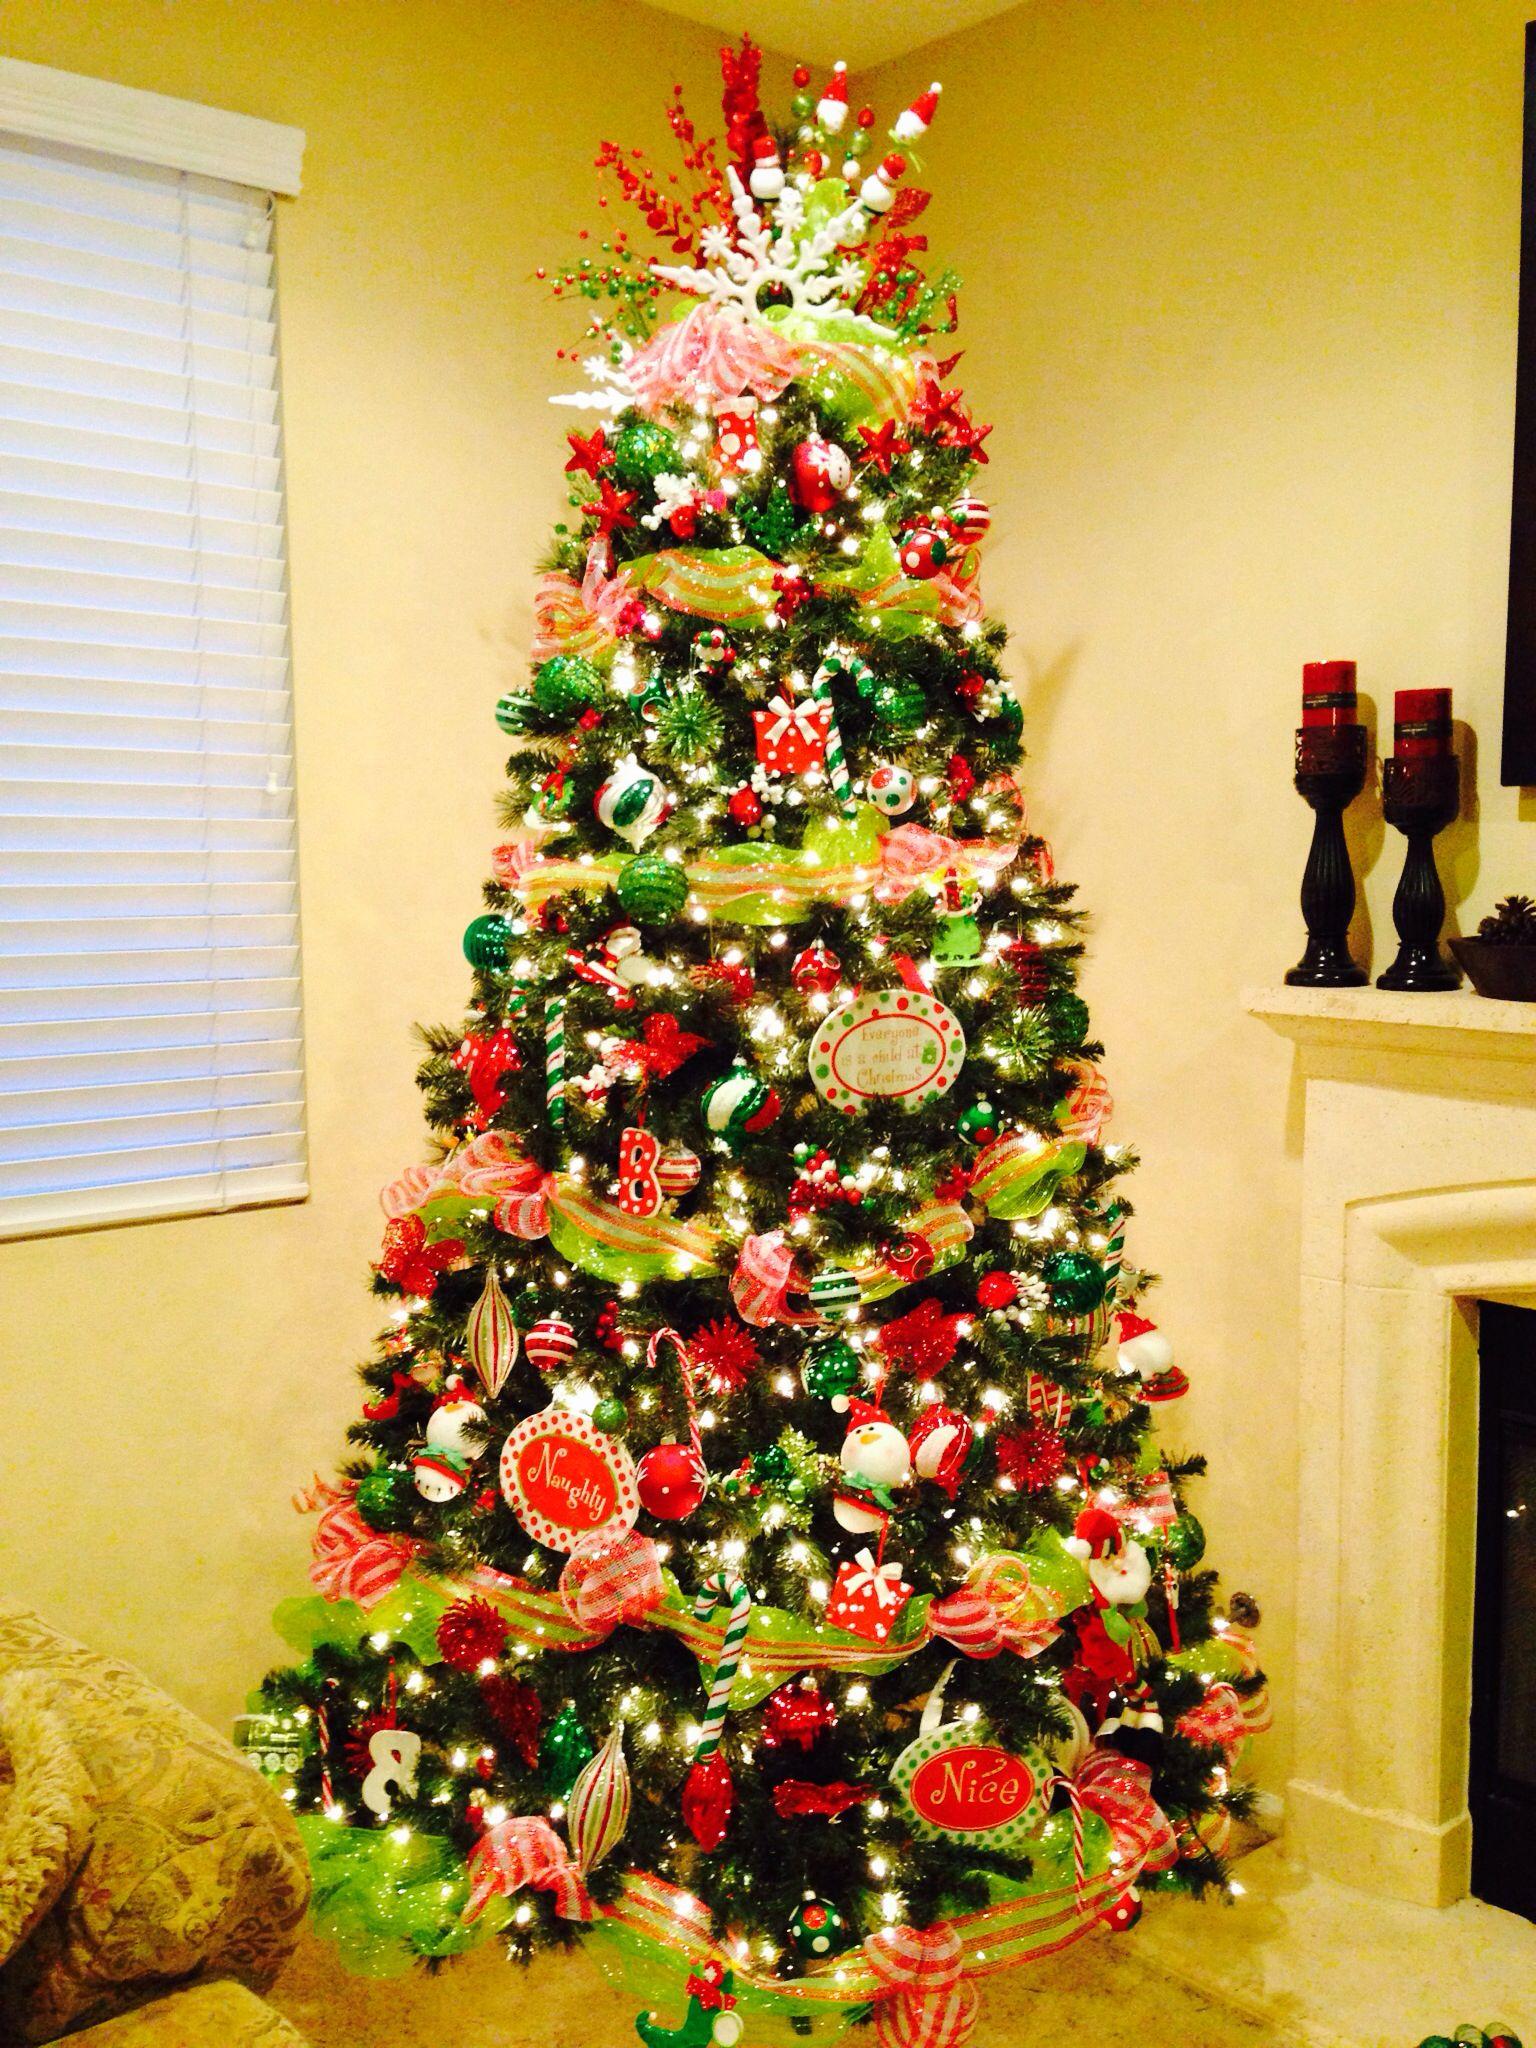 Deco Mesh Christmas Tree 2013 | Mesh christmas tree ...